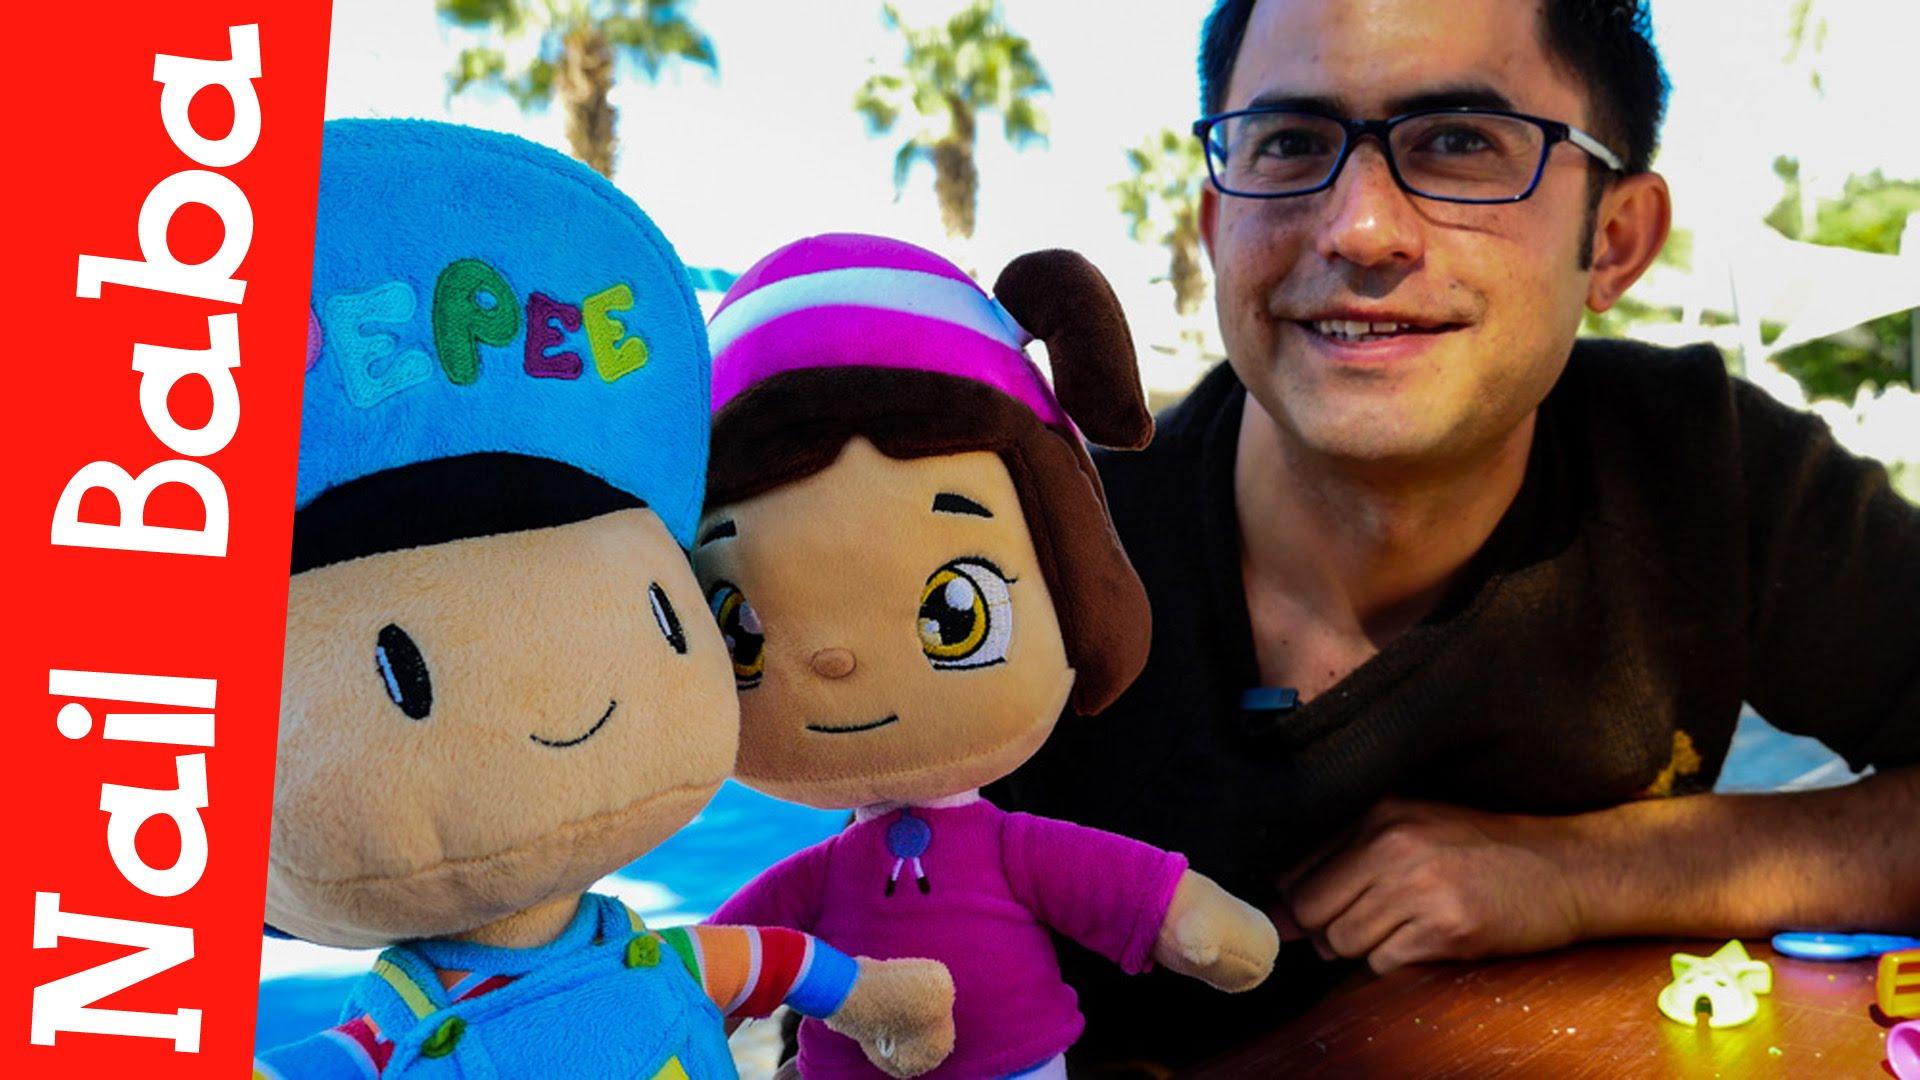 Nail Baba Pepee ve Leli ile çocuk parkında. Çizgi film oyuncakları. Çocuklar için video